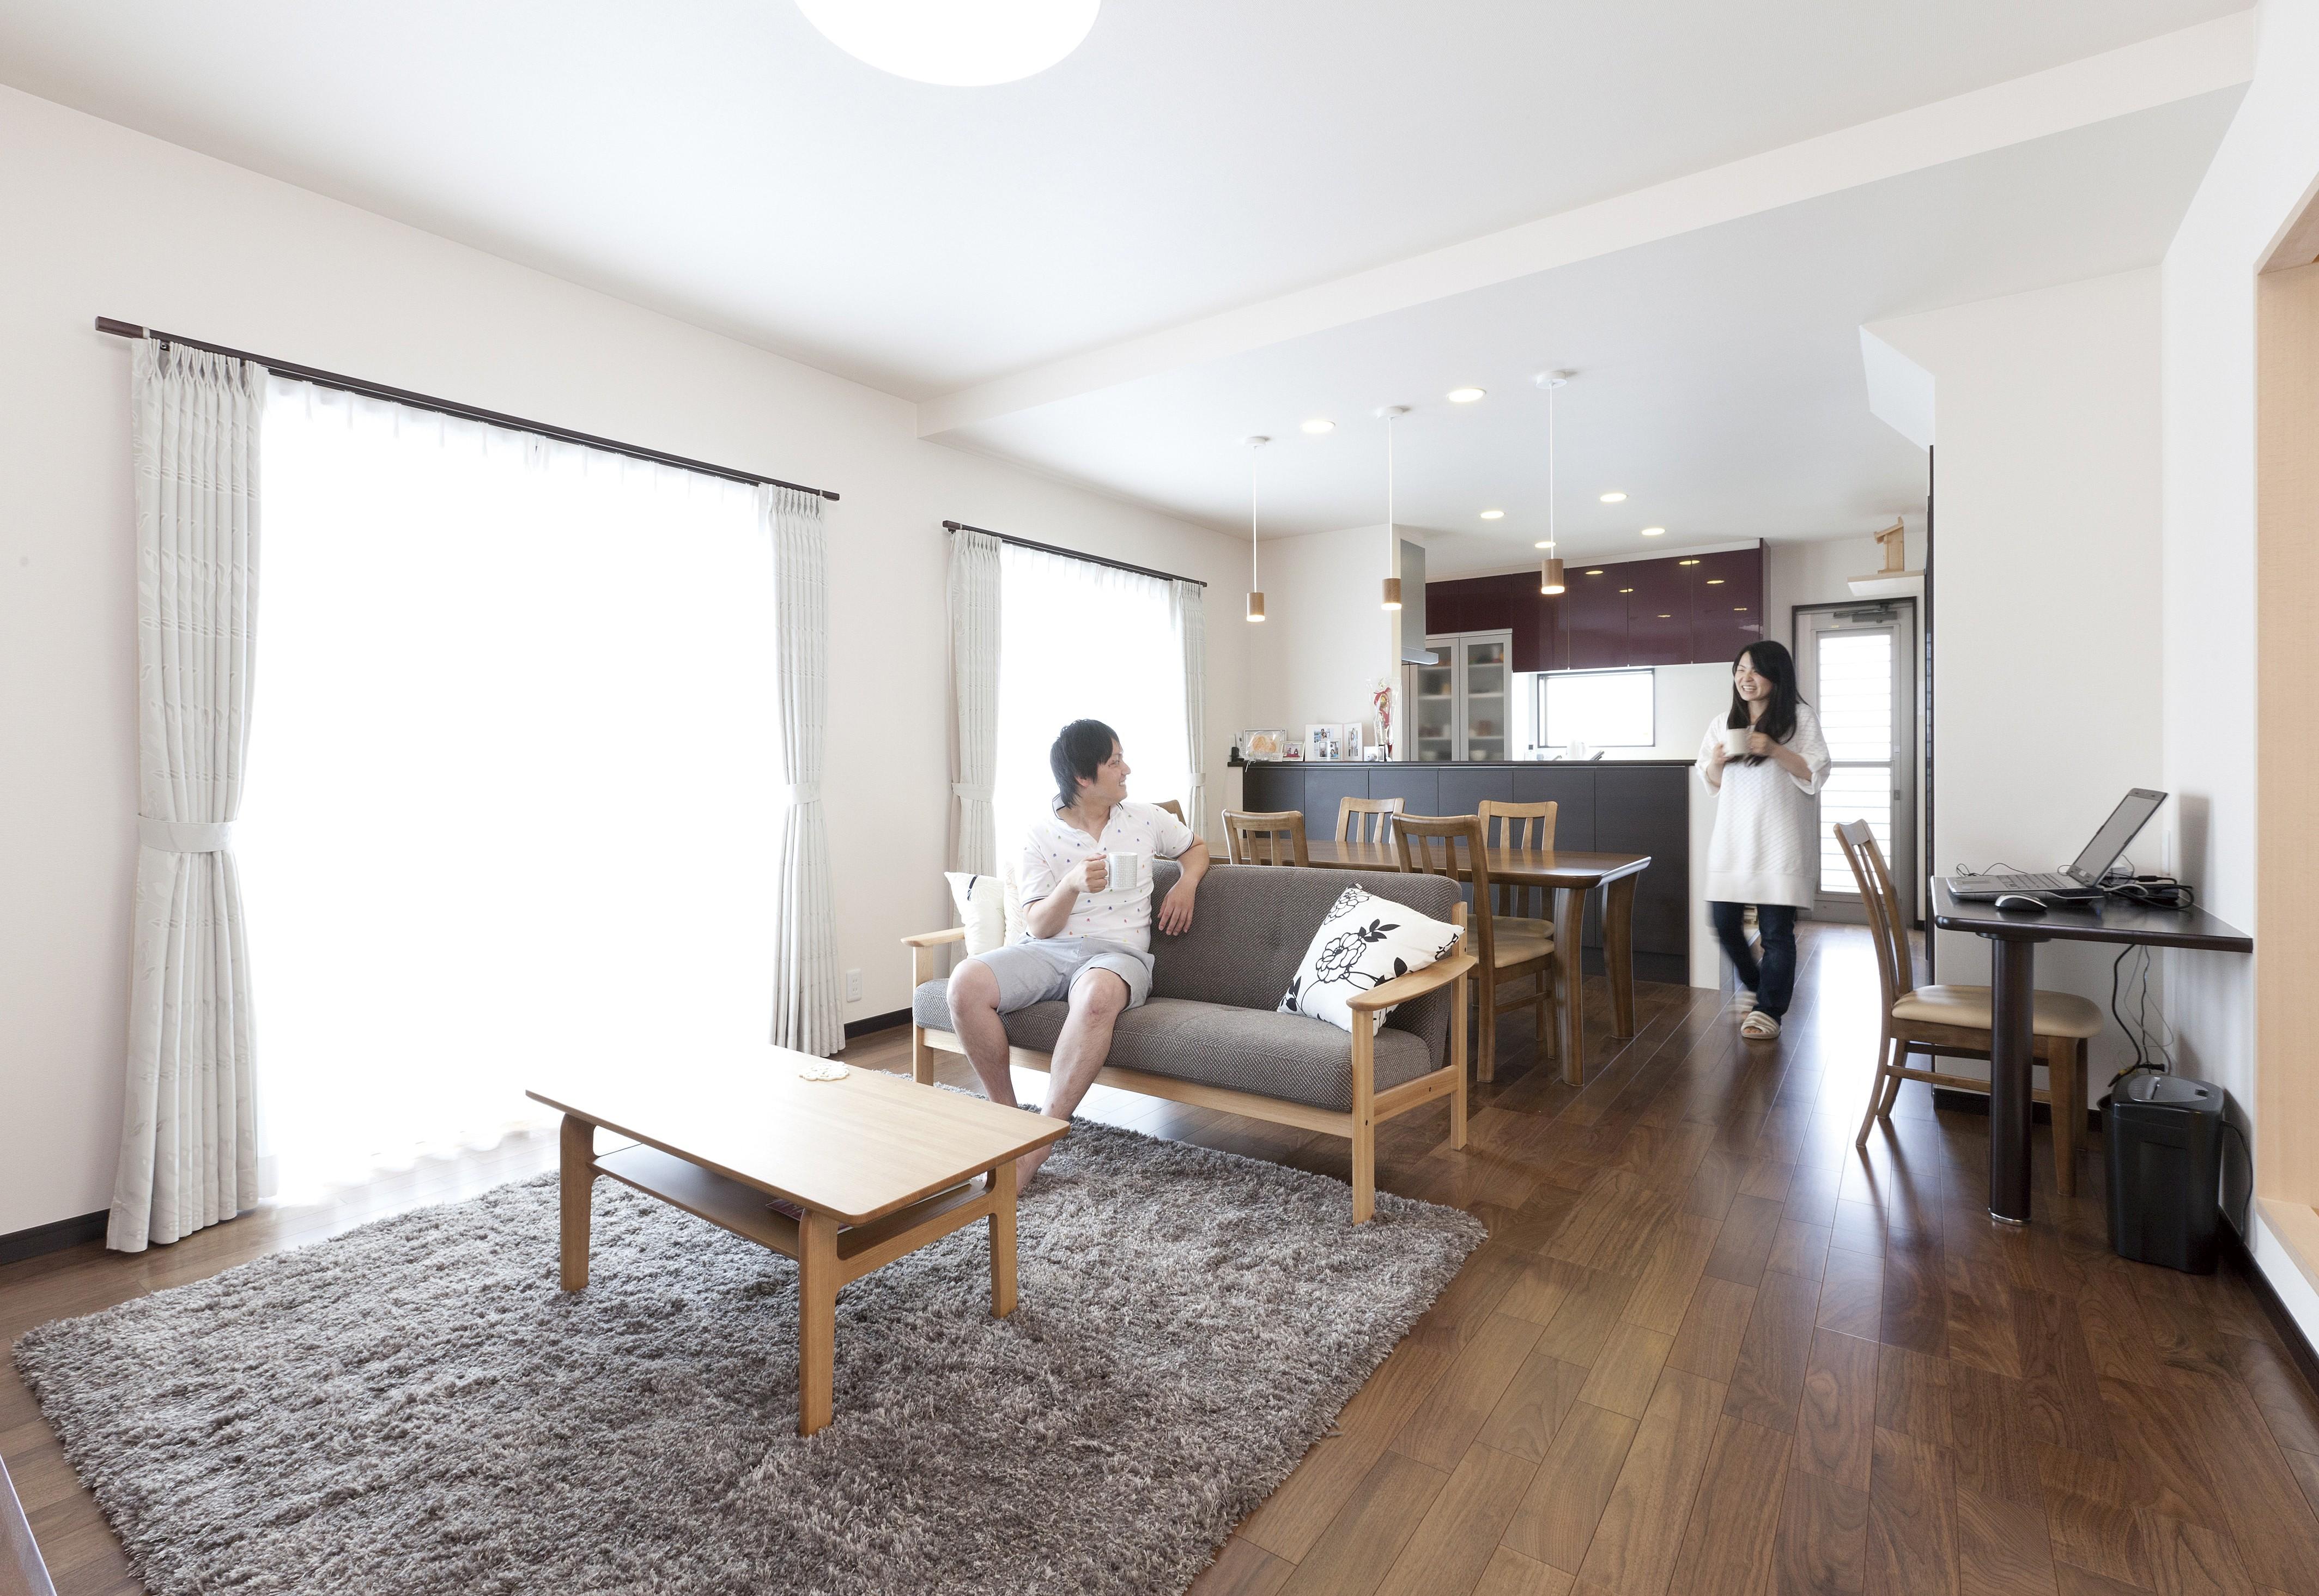 収納たっぷり、お部屋すっきり 土地探しからきめ細やかな提案 イメージ